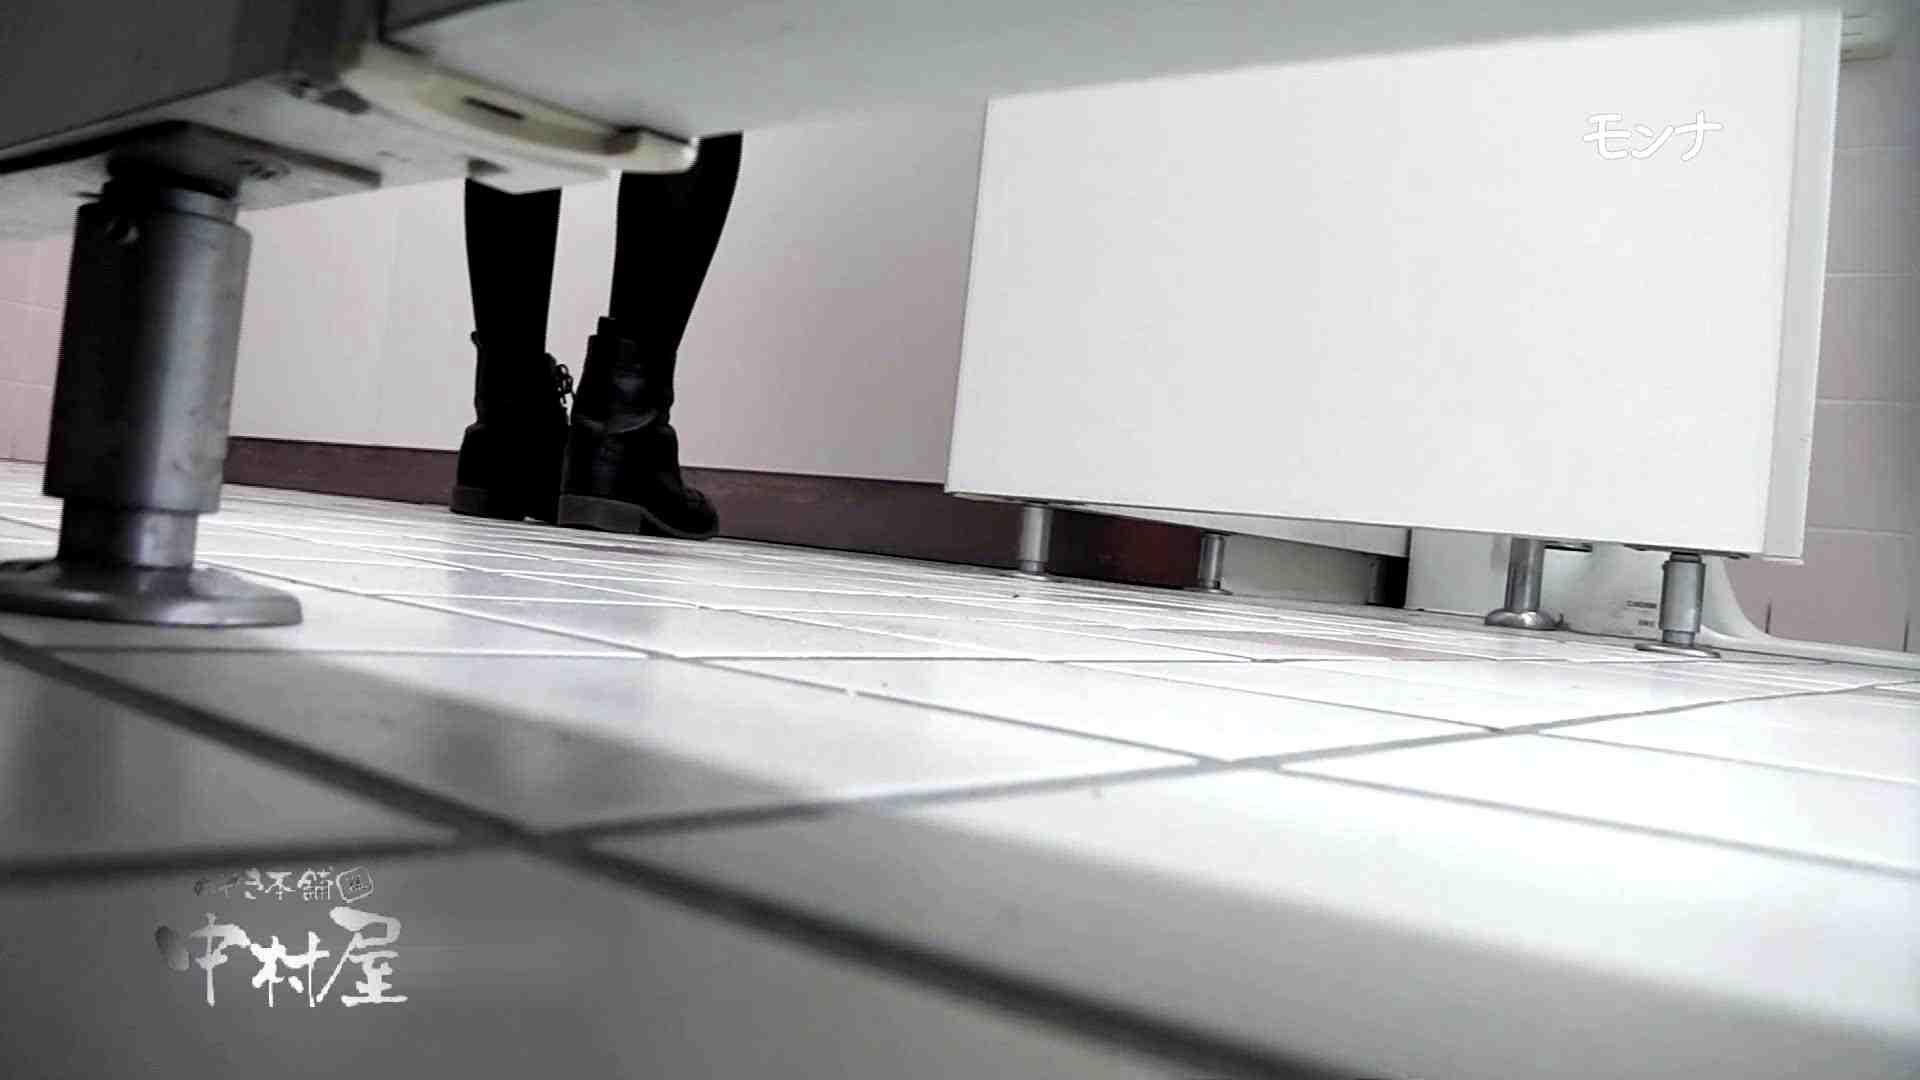 【美しい日本の未来】新学期!!下半身中心に攻めてます美女可愛い女子悪戯盗satuトイレ後編 悪戯 ぱこり動画紹介 11枚 7